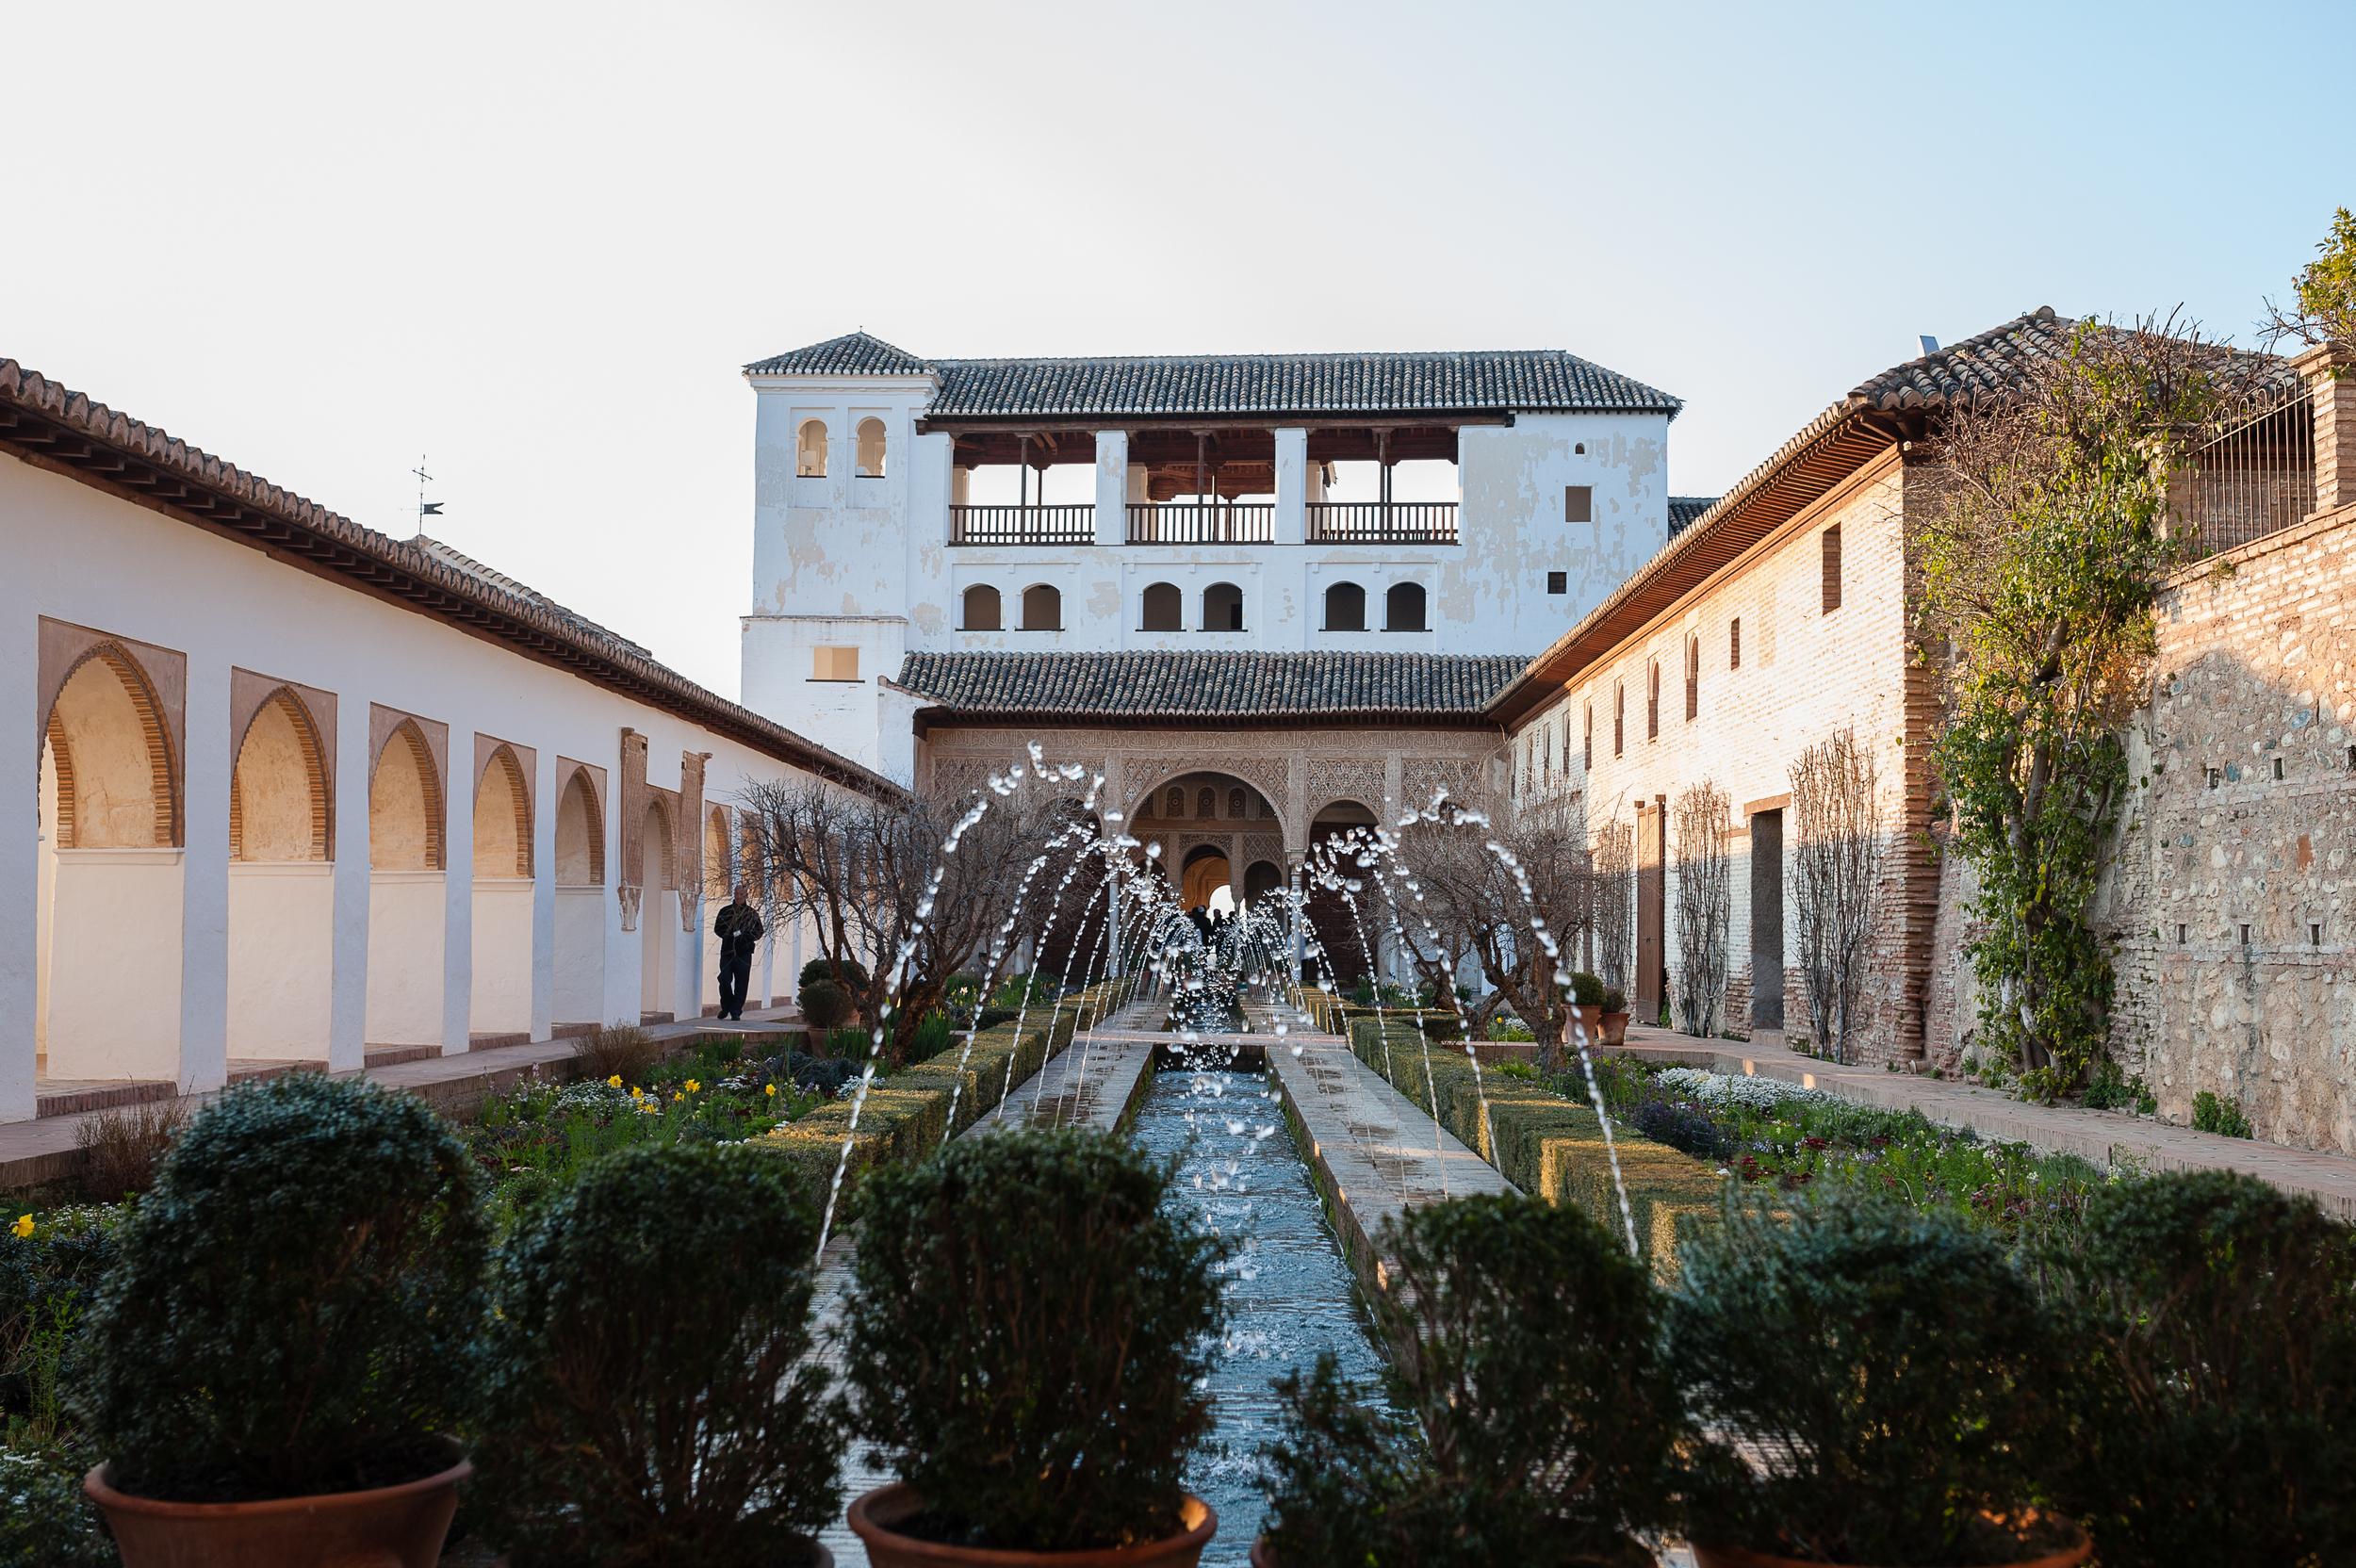 Generalife gardens beside the Alhambra